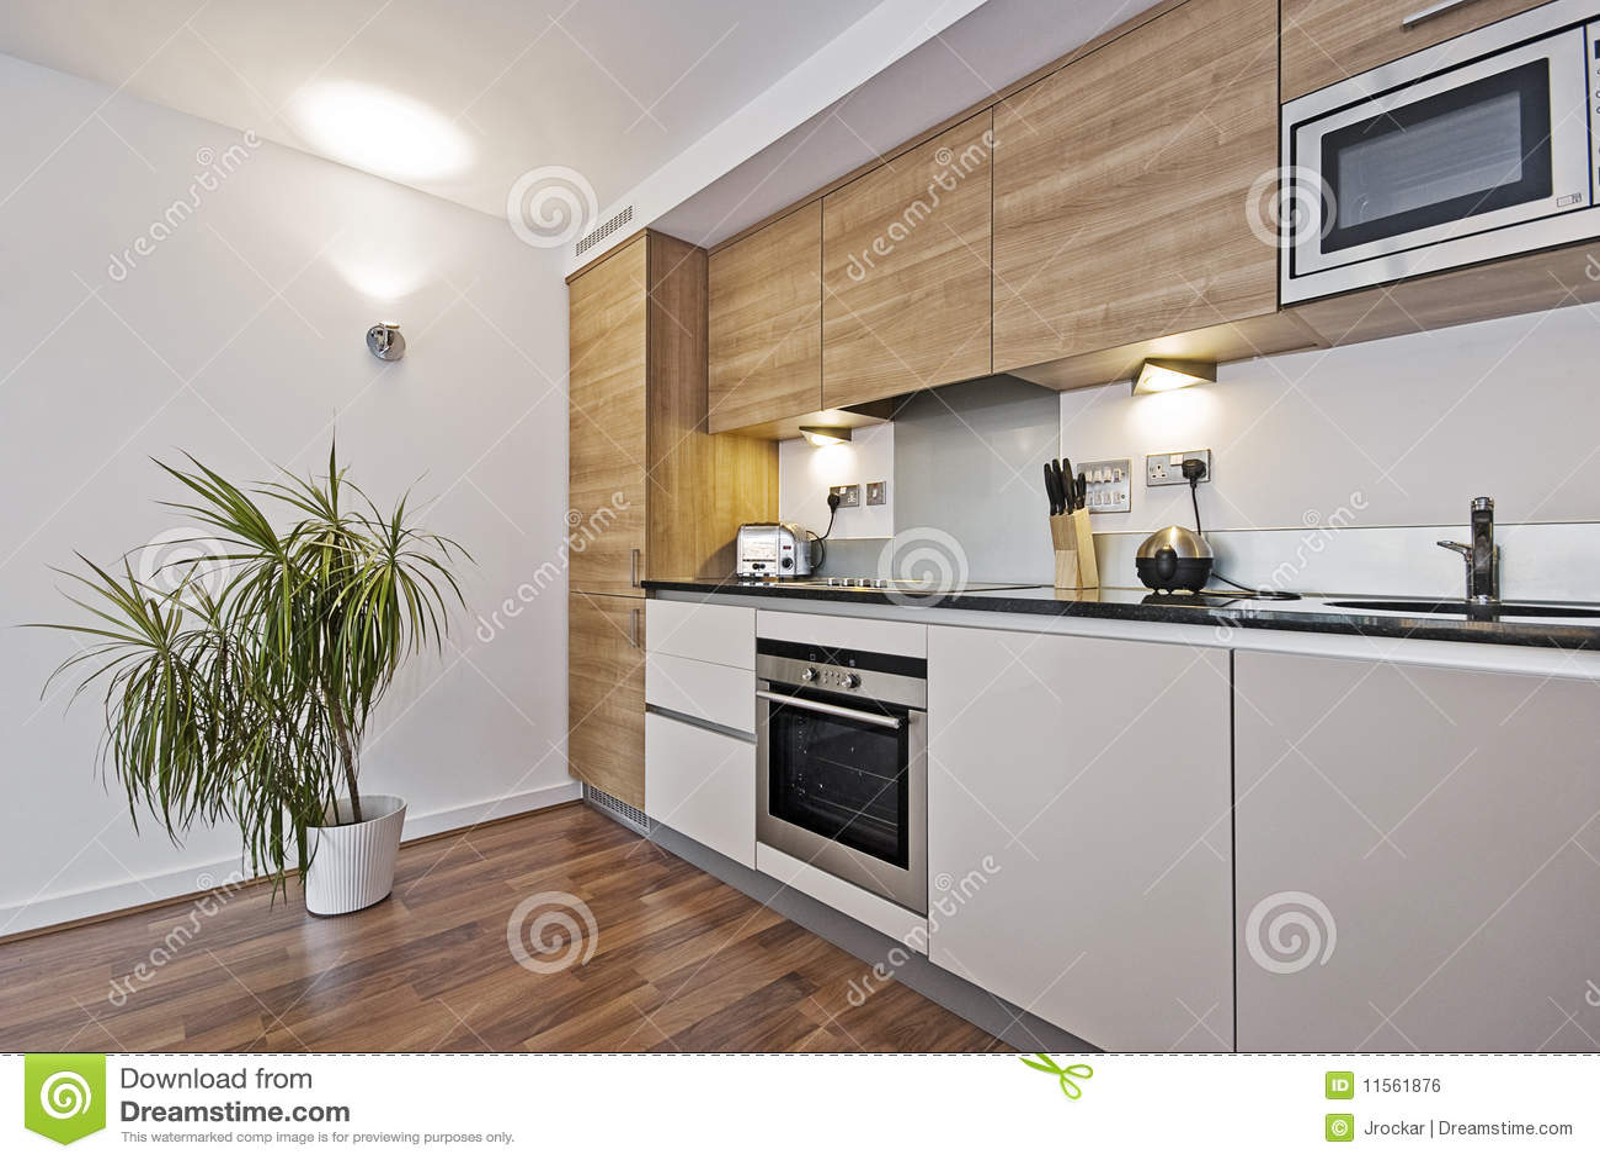 Schöne moderne Küche stockfoto. Bild von möbel, hahn - 11561876